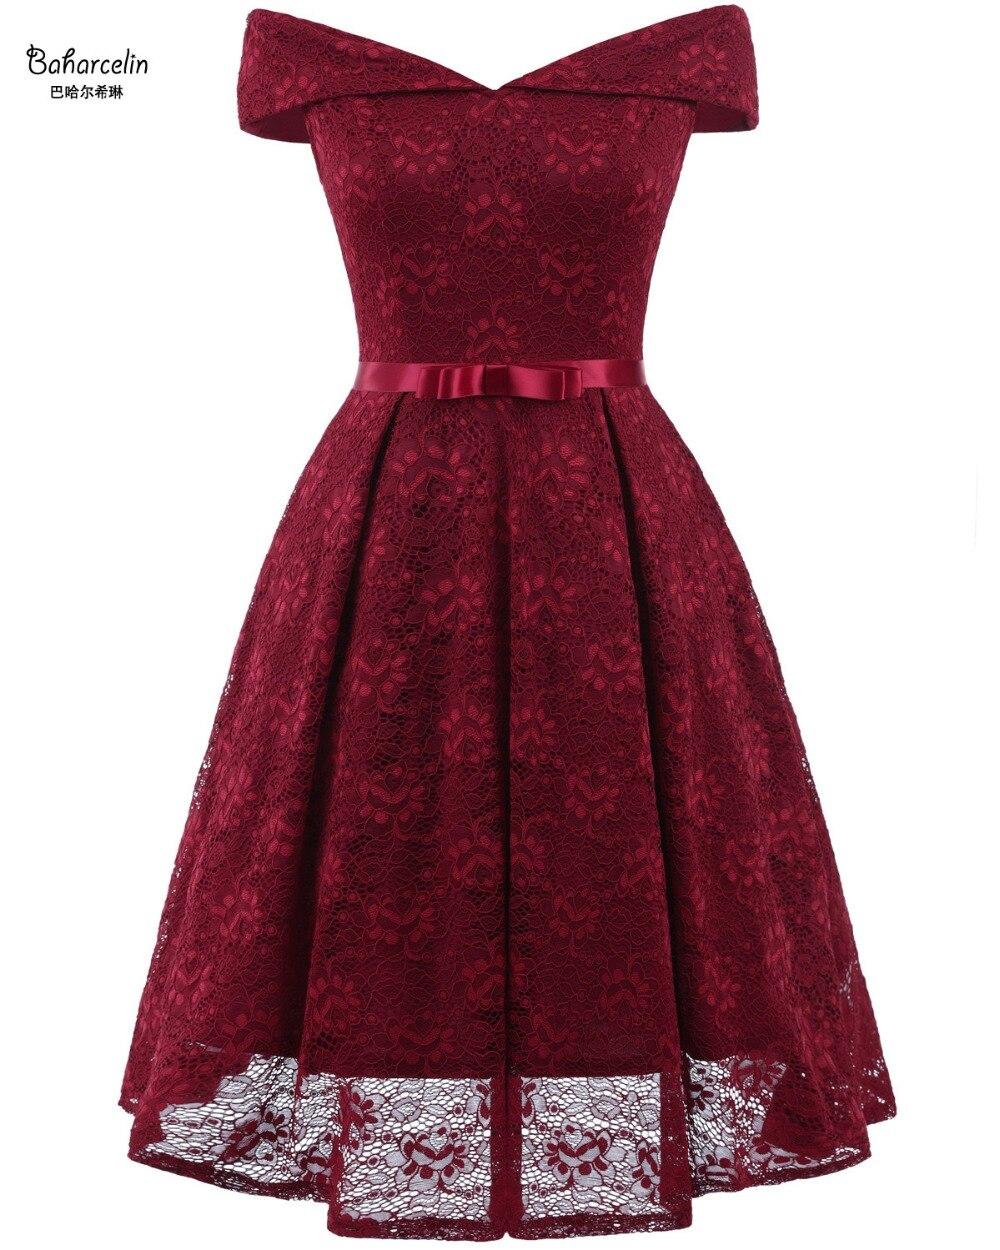 Baharcelin 2019 duży rozmiar lato dziewczyna kobiety slash neck koronki sukienka elegancki haft wąskie sukienki Vestidos de Festa na imprezę w Suknie od Odzież damska na AliExpress - 11.11_Double 11Singles' Day 1